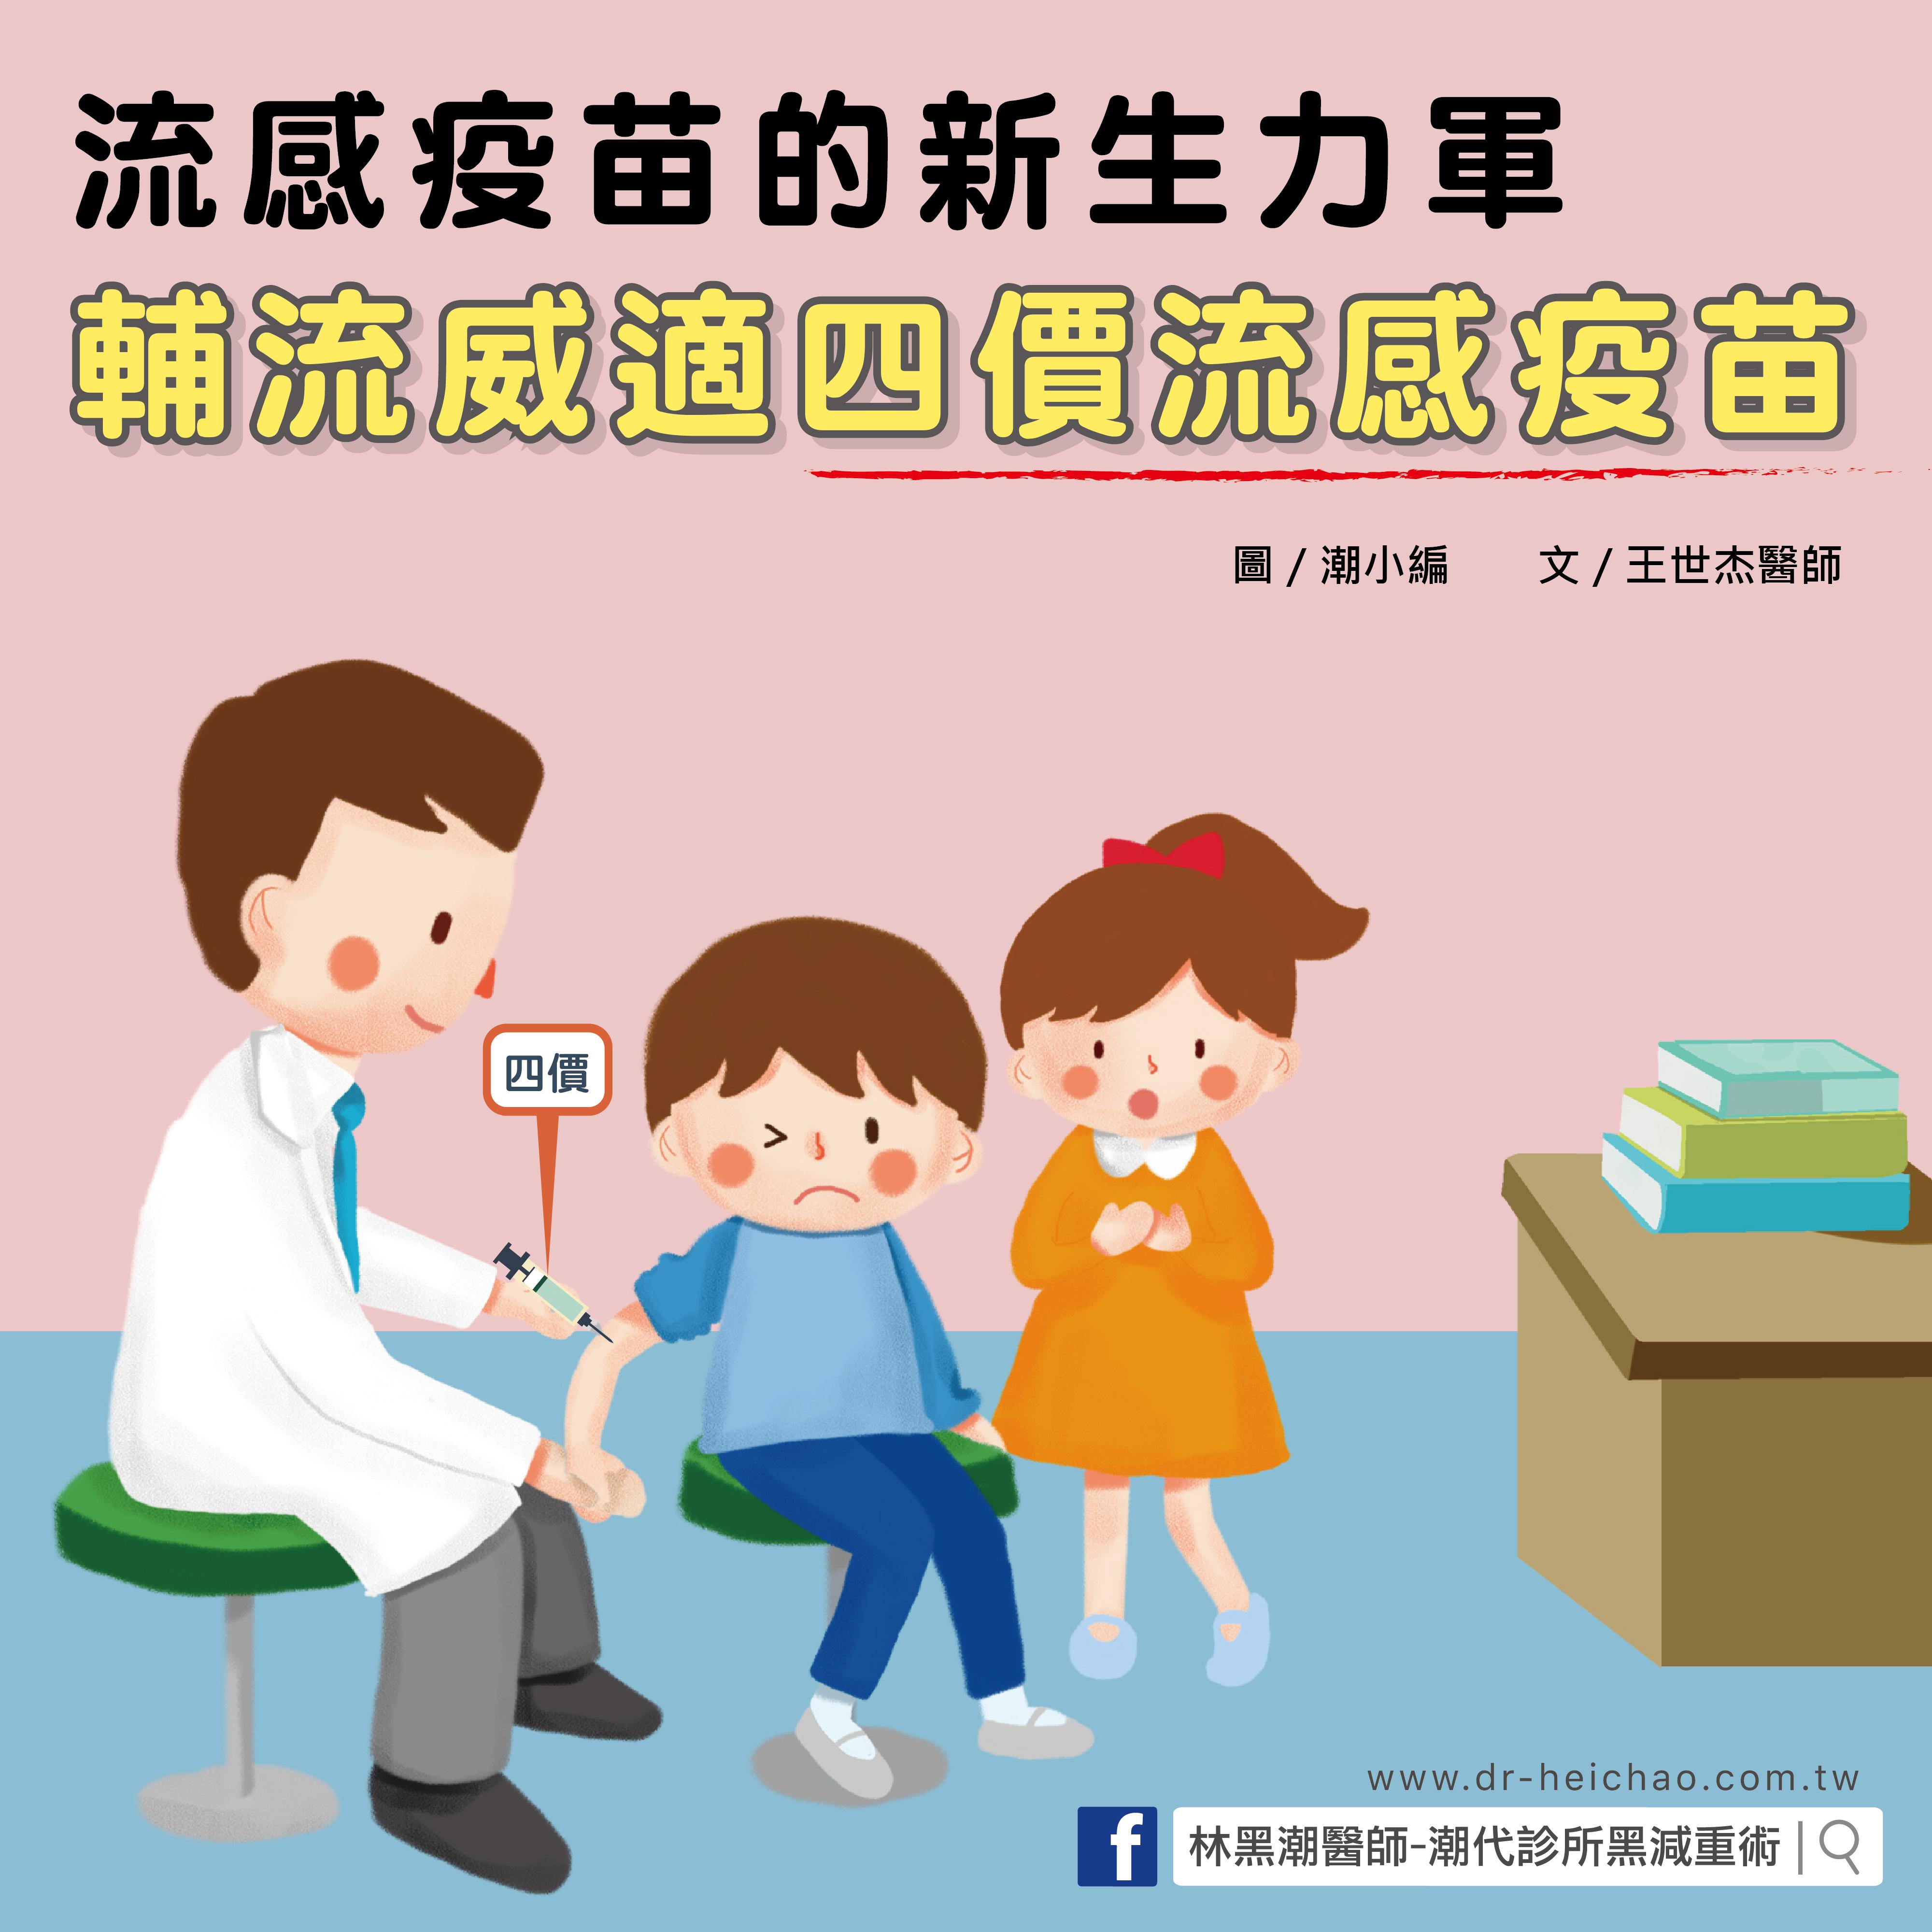 流感疫苗的新生力軍-輔流威適四價流感疫苗/文:王世杰醫師 - 潮代診所 林黑潮 減肥 減重 瘦身 門診 健康減重